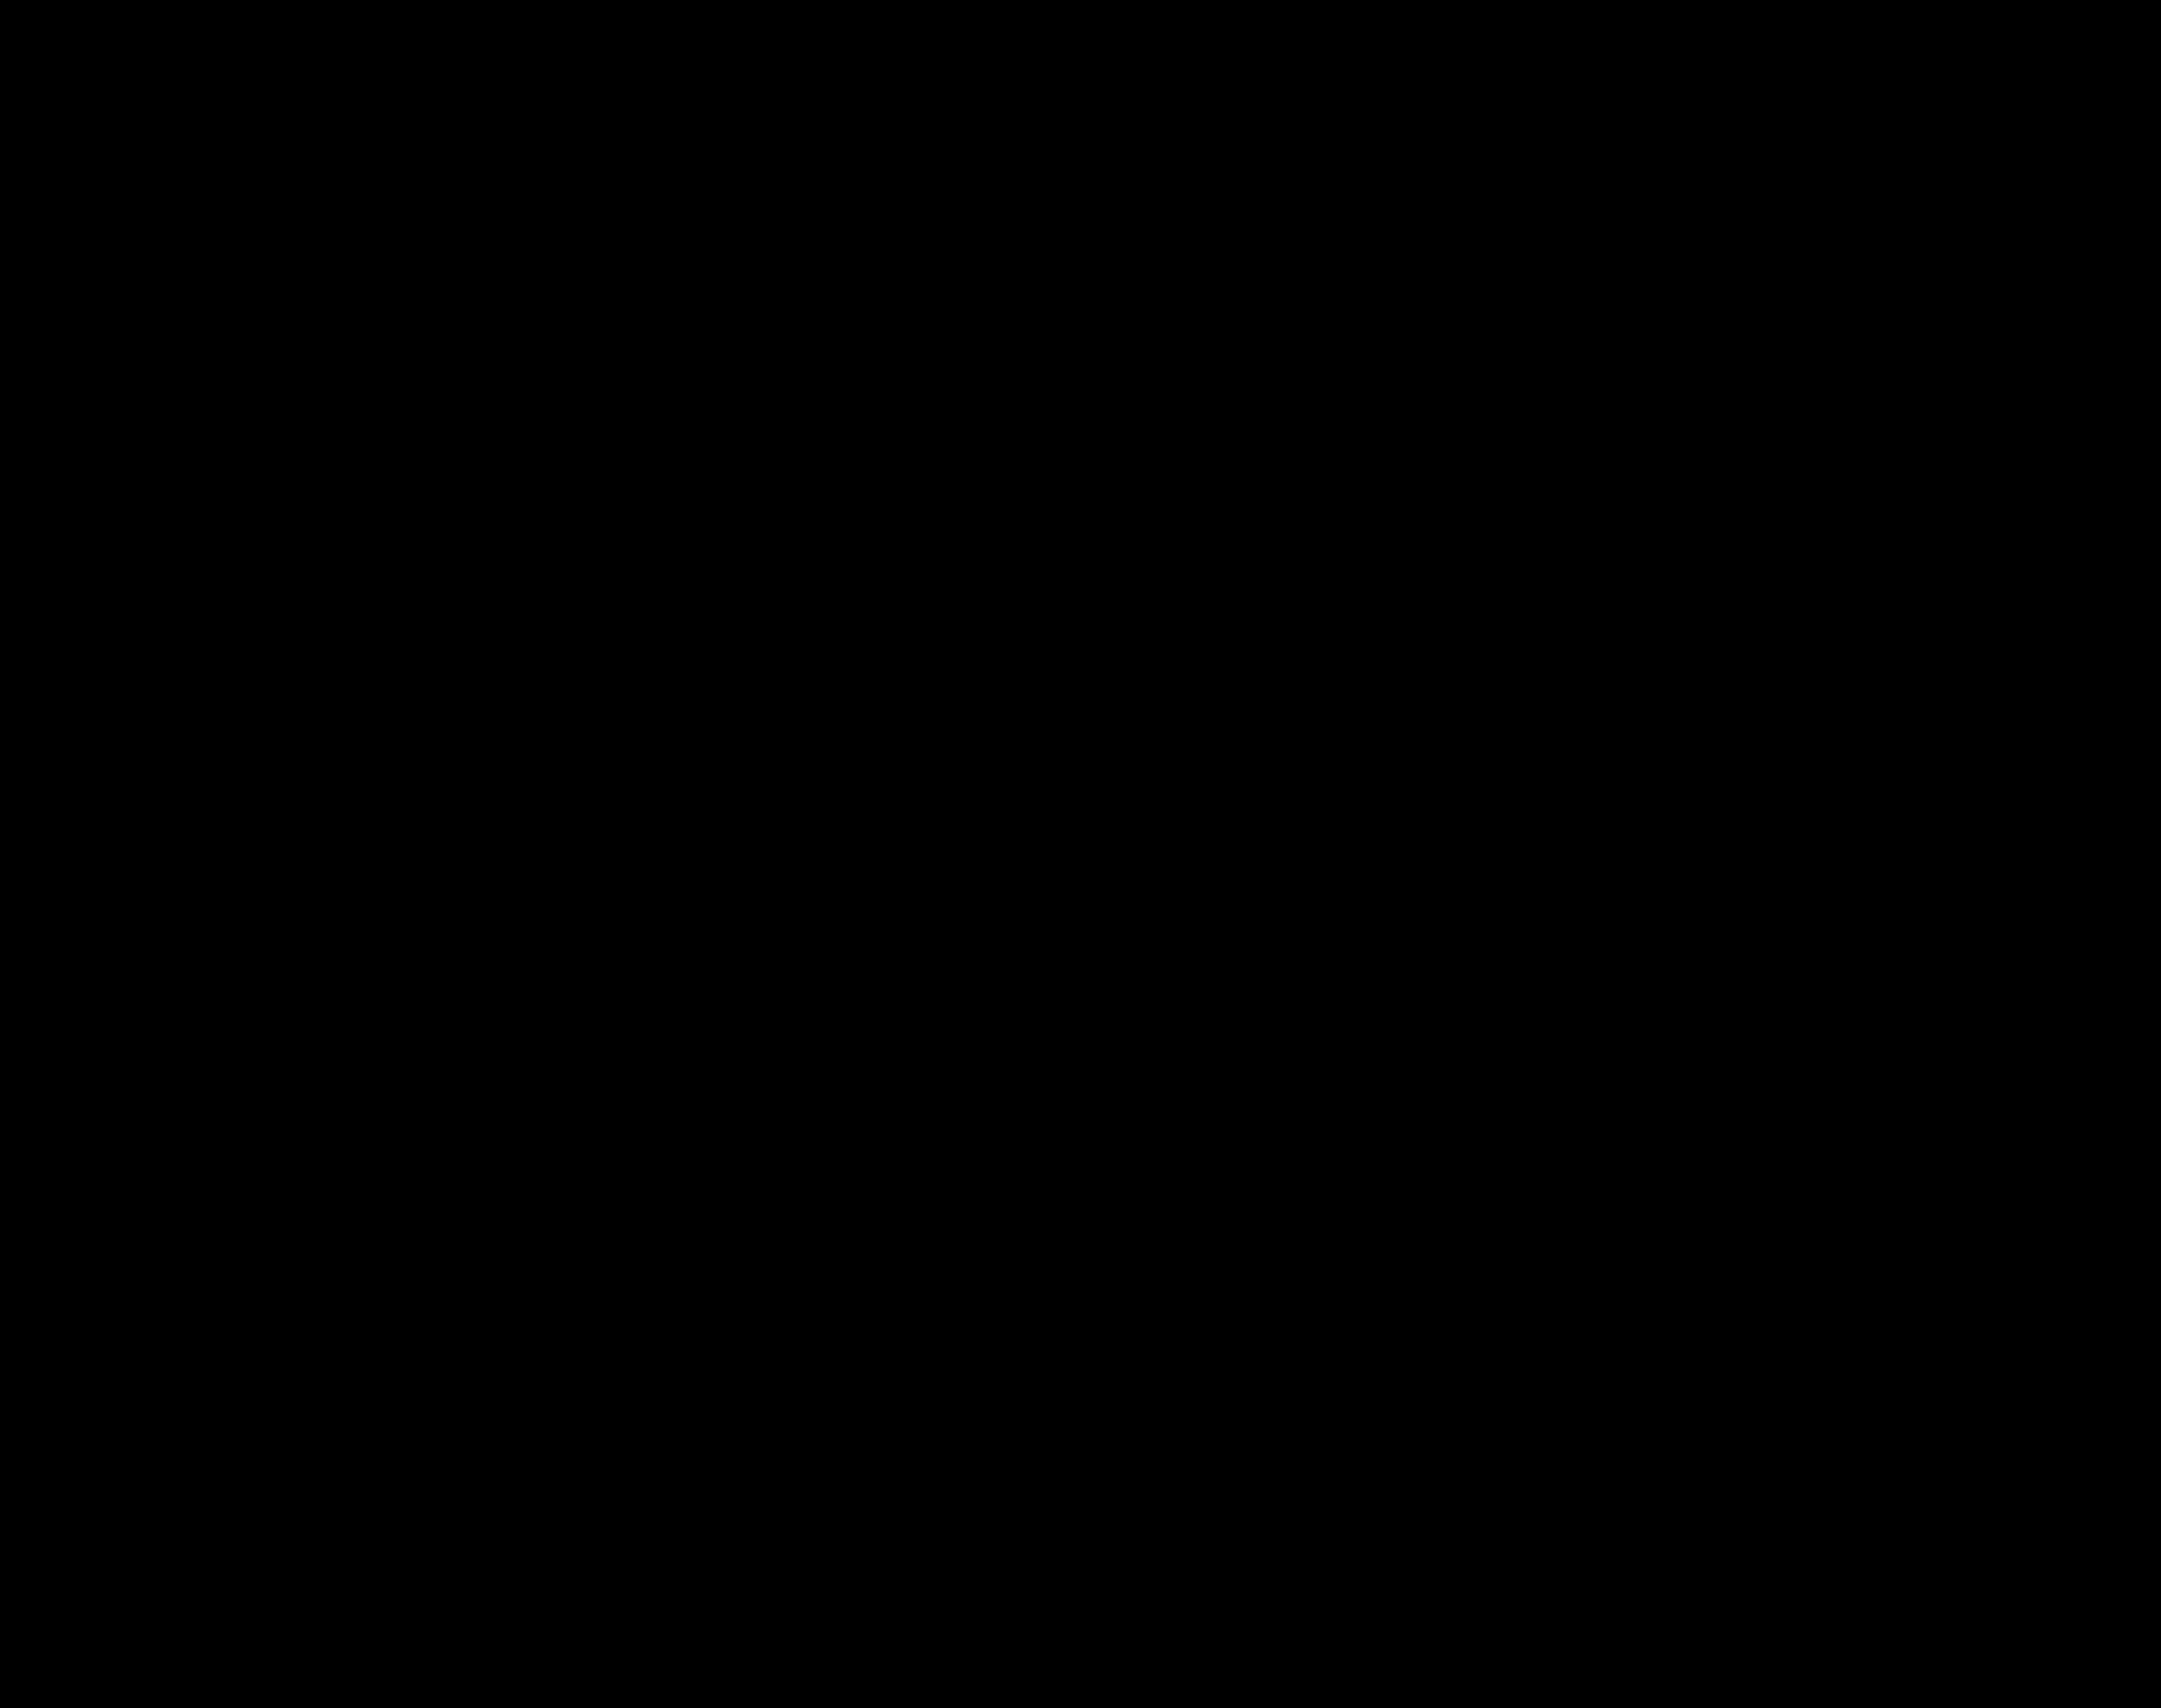 firstnet_vert_atr_r_blk (3)